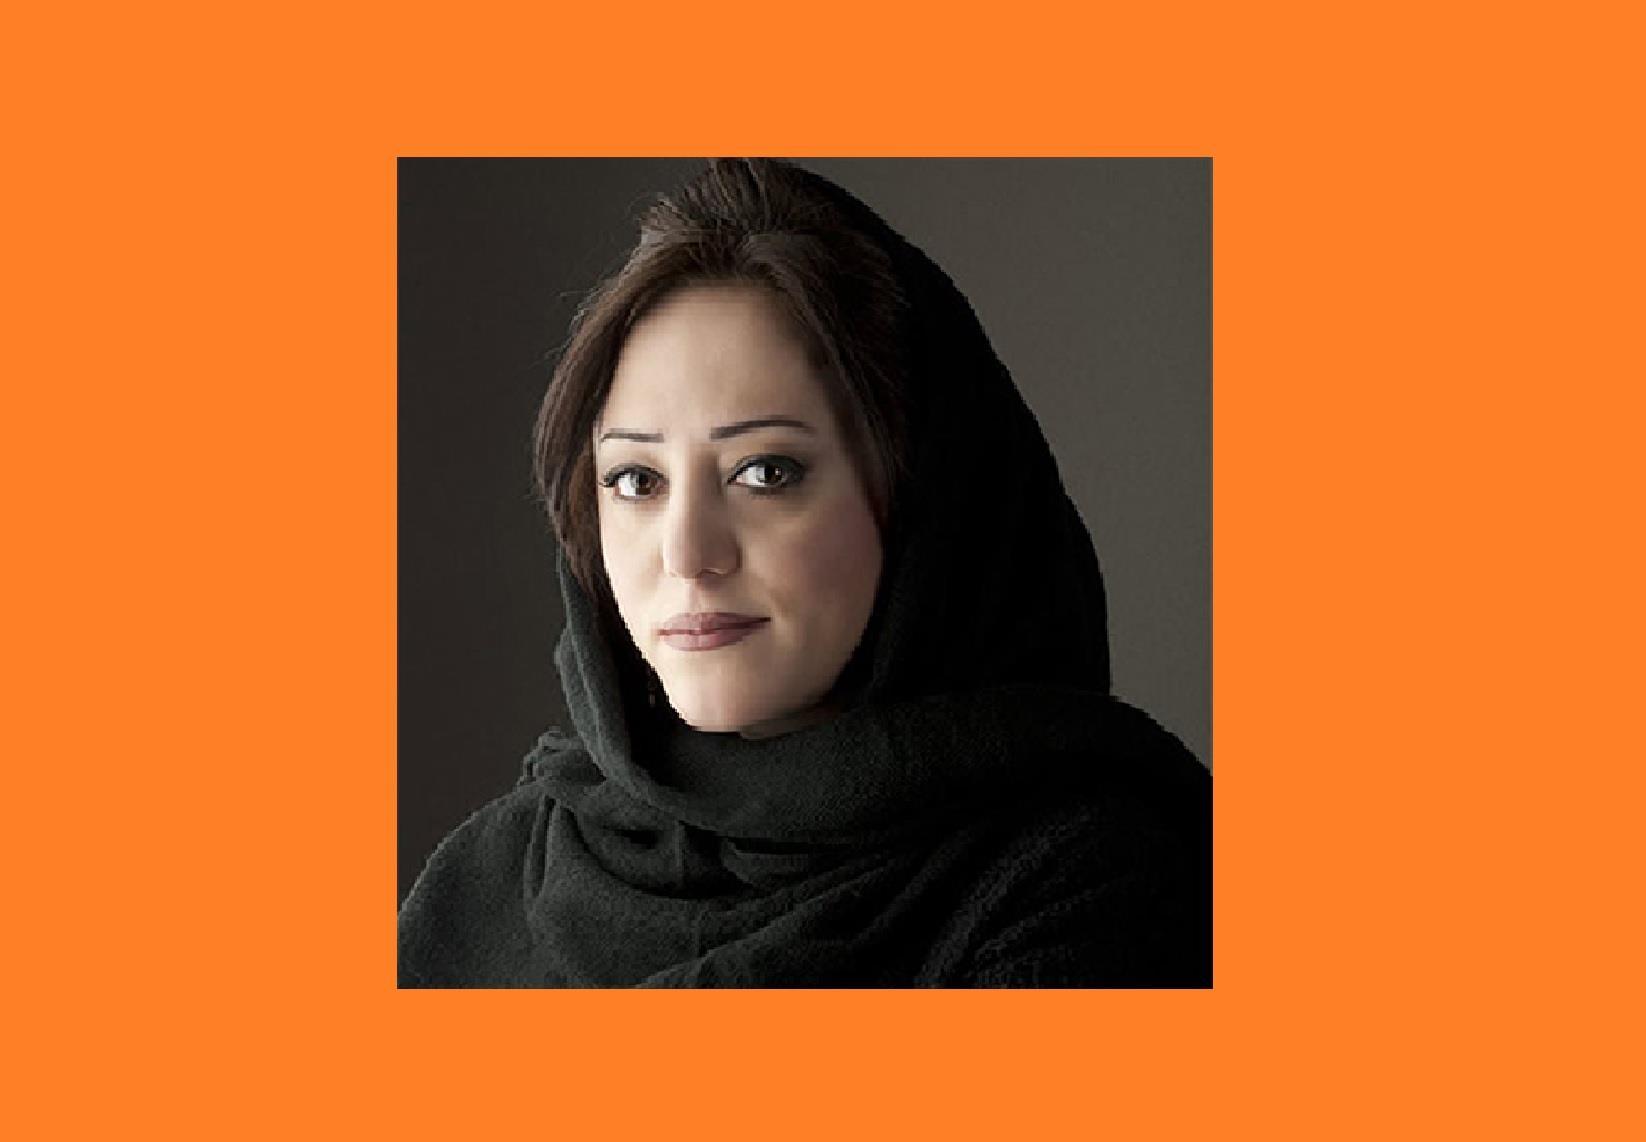 بیتا-وکیلی،-بیانی-فلسفی-با-زبان-هنر-برای-نقشه-ایران